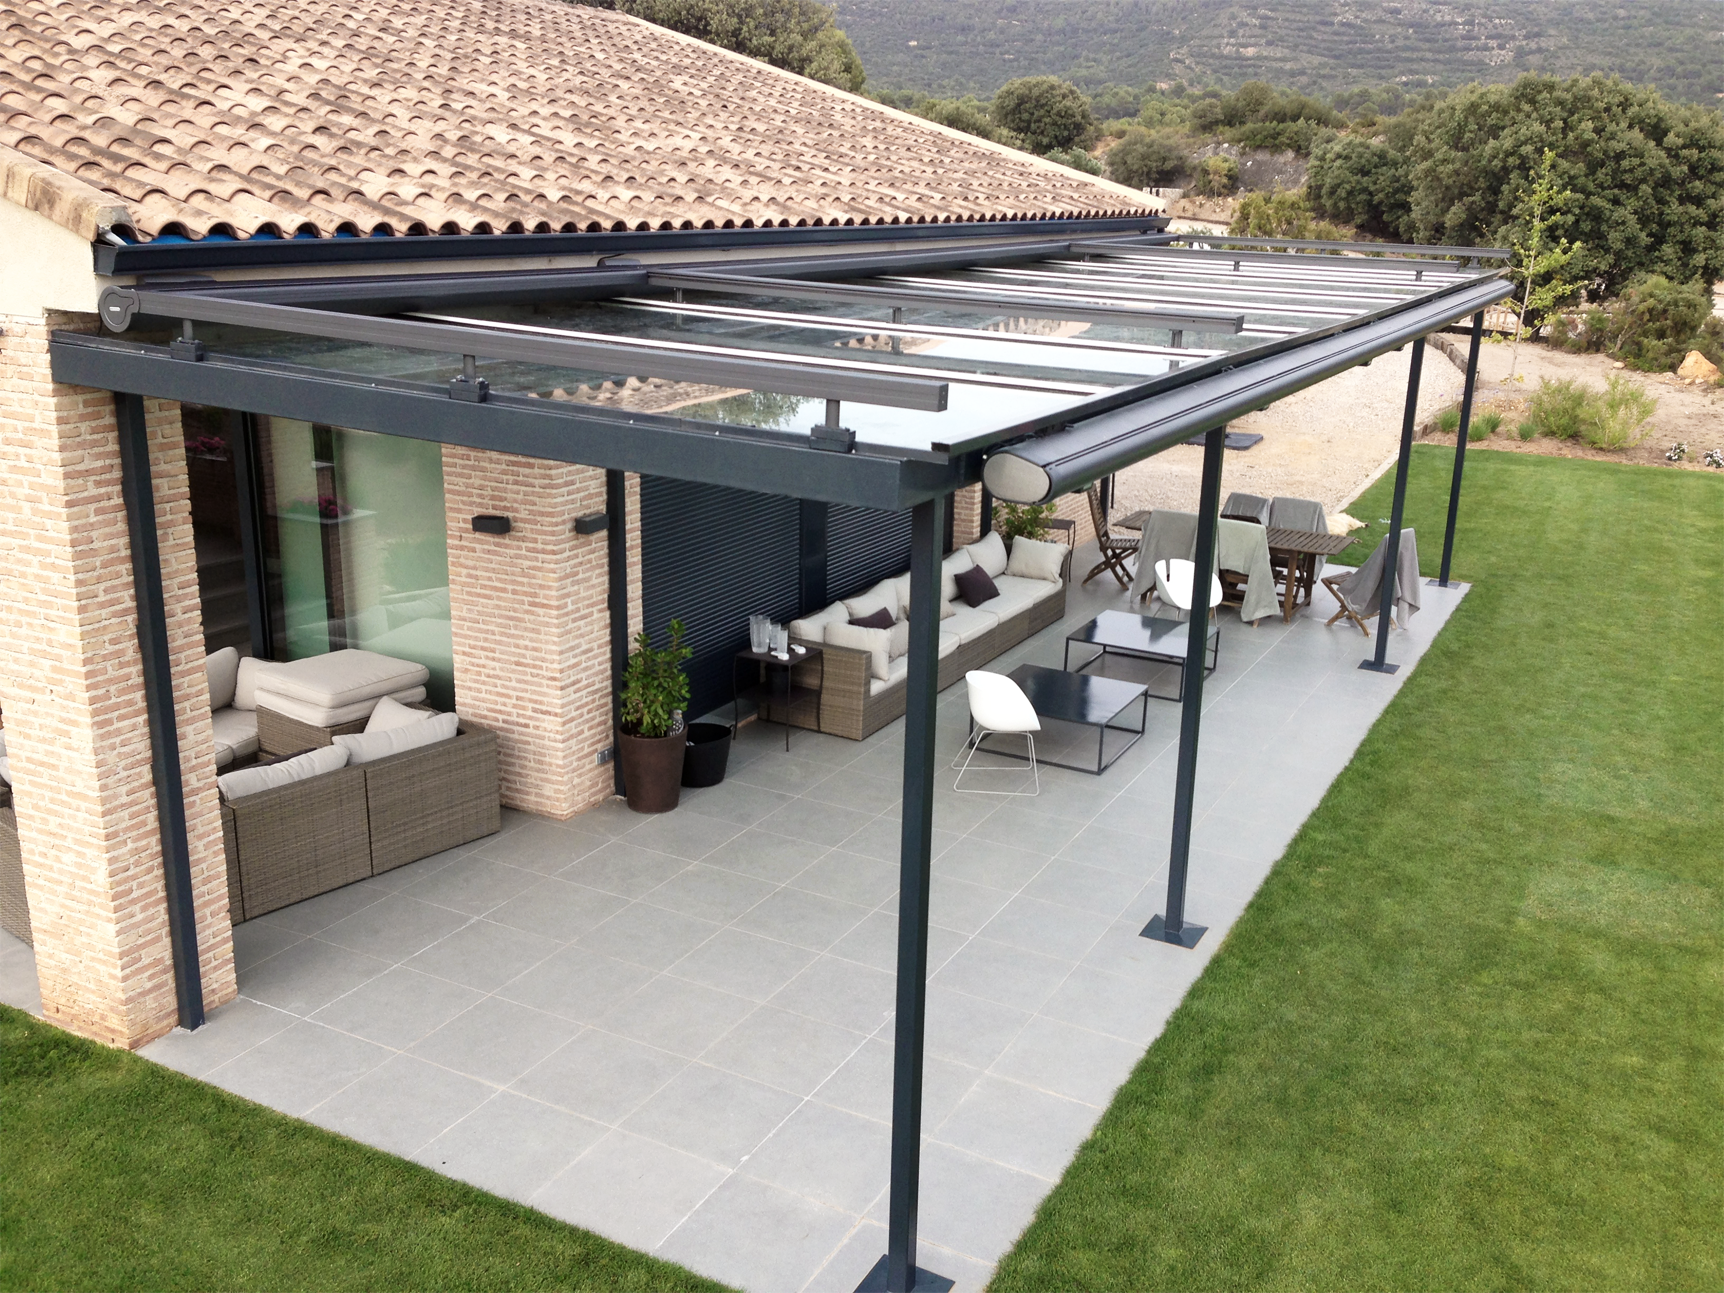 Toldos cofre para dosificar la luz solar ventux exclusive for Estructuras para toldos